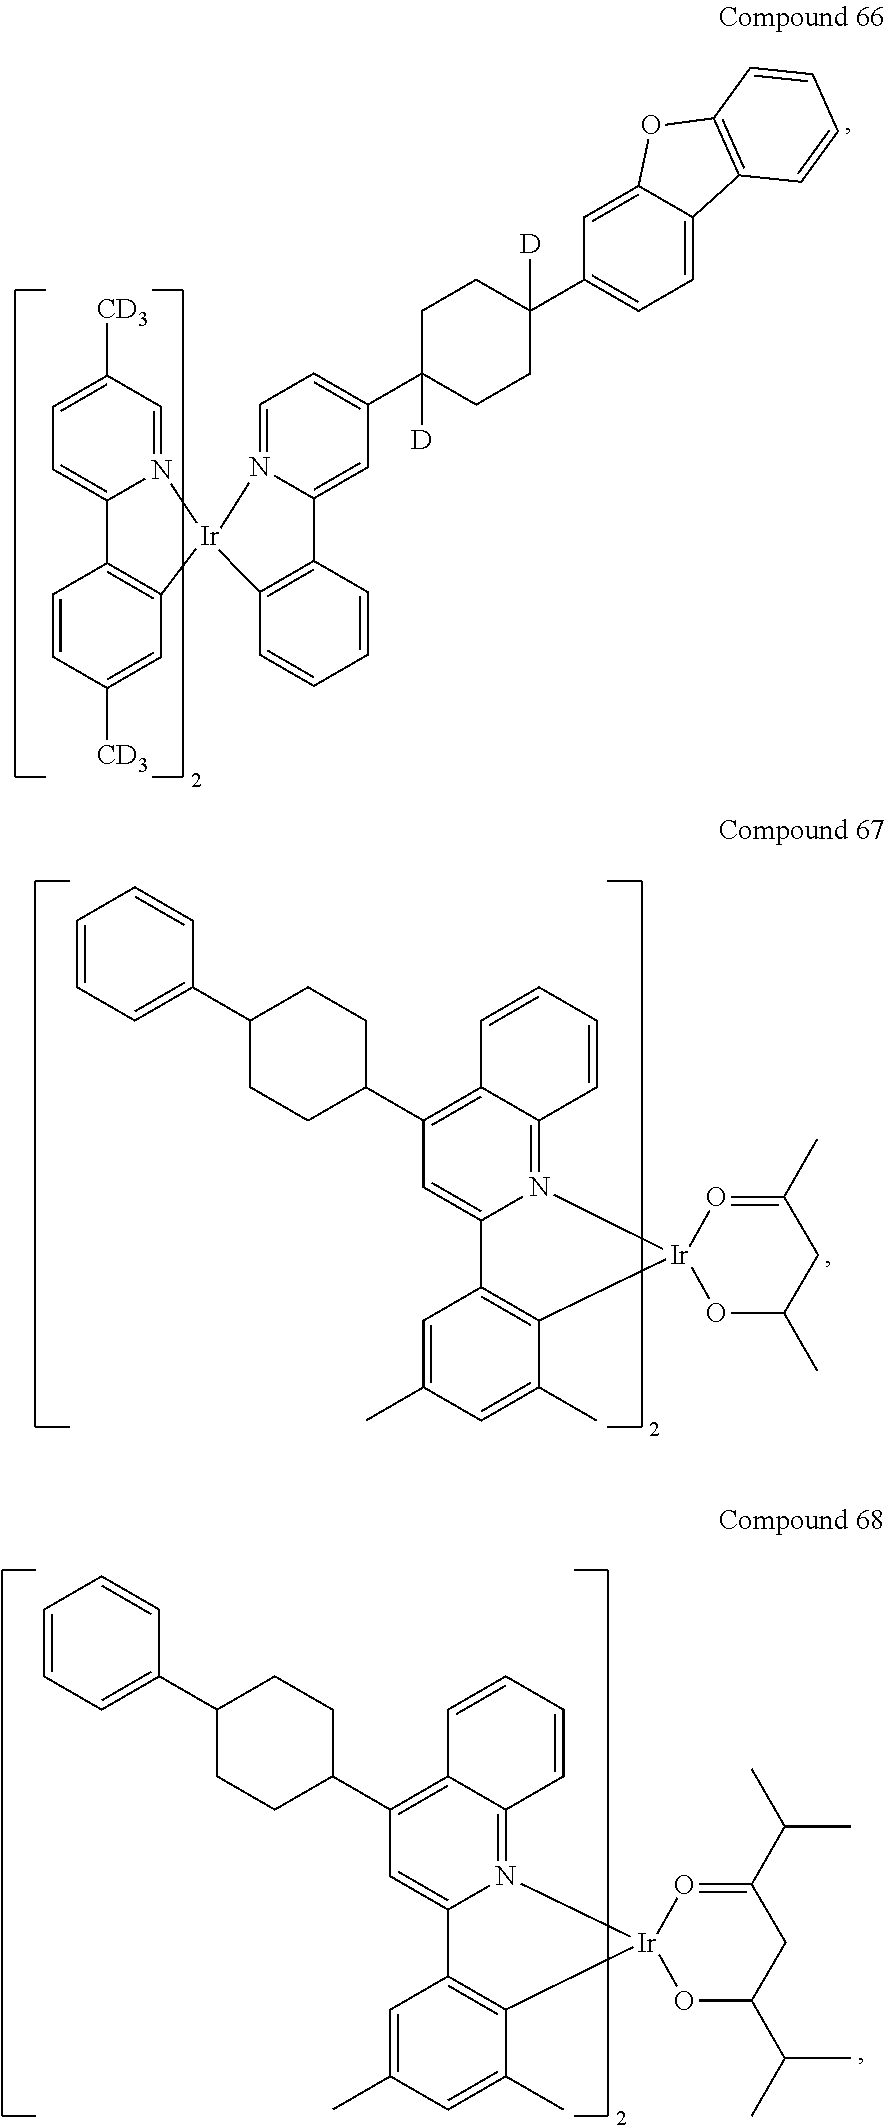 Figure US20180076393A1-20180315-C00043